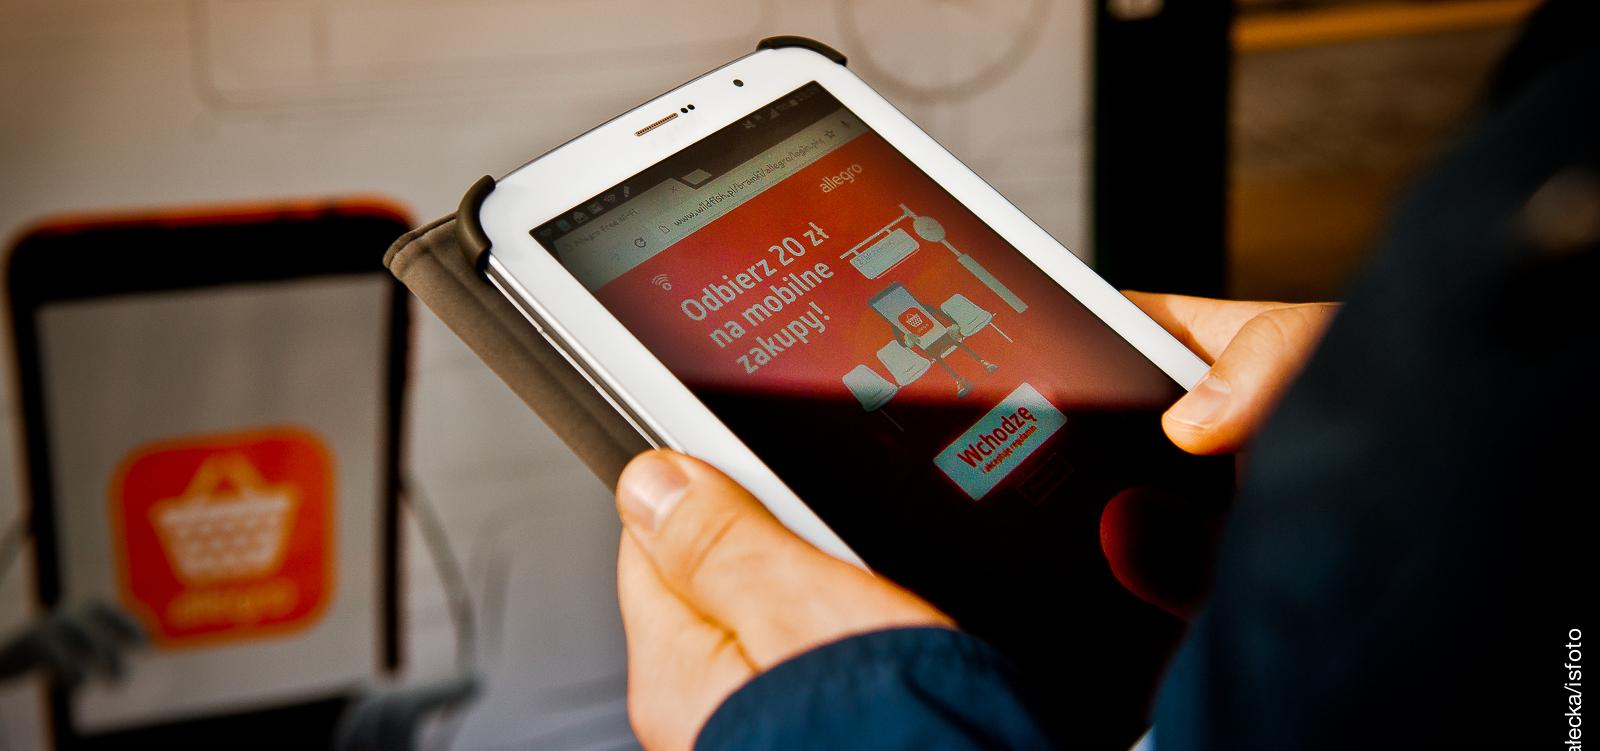 100 interaktywnych citylight'ów z darmowym internetem od Yoberi E-commerce Mediarun Com Yoberi Citylight